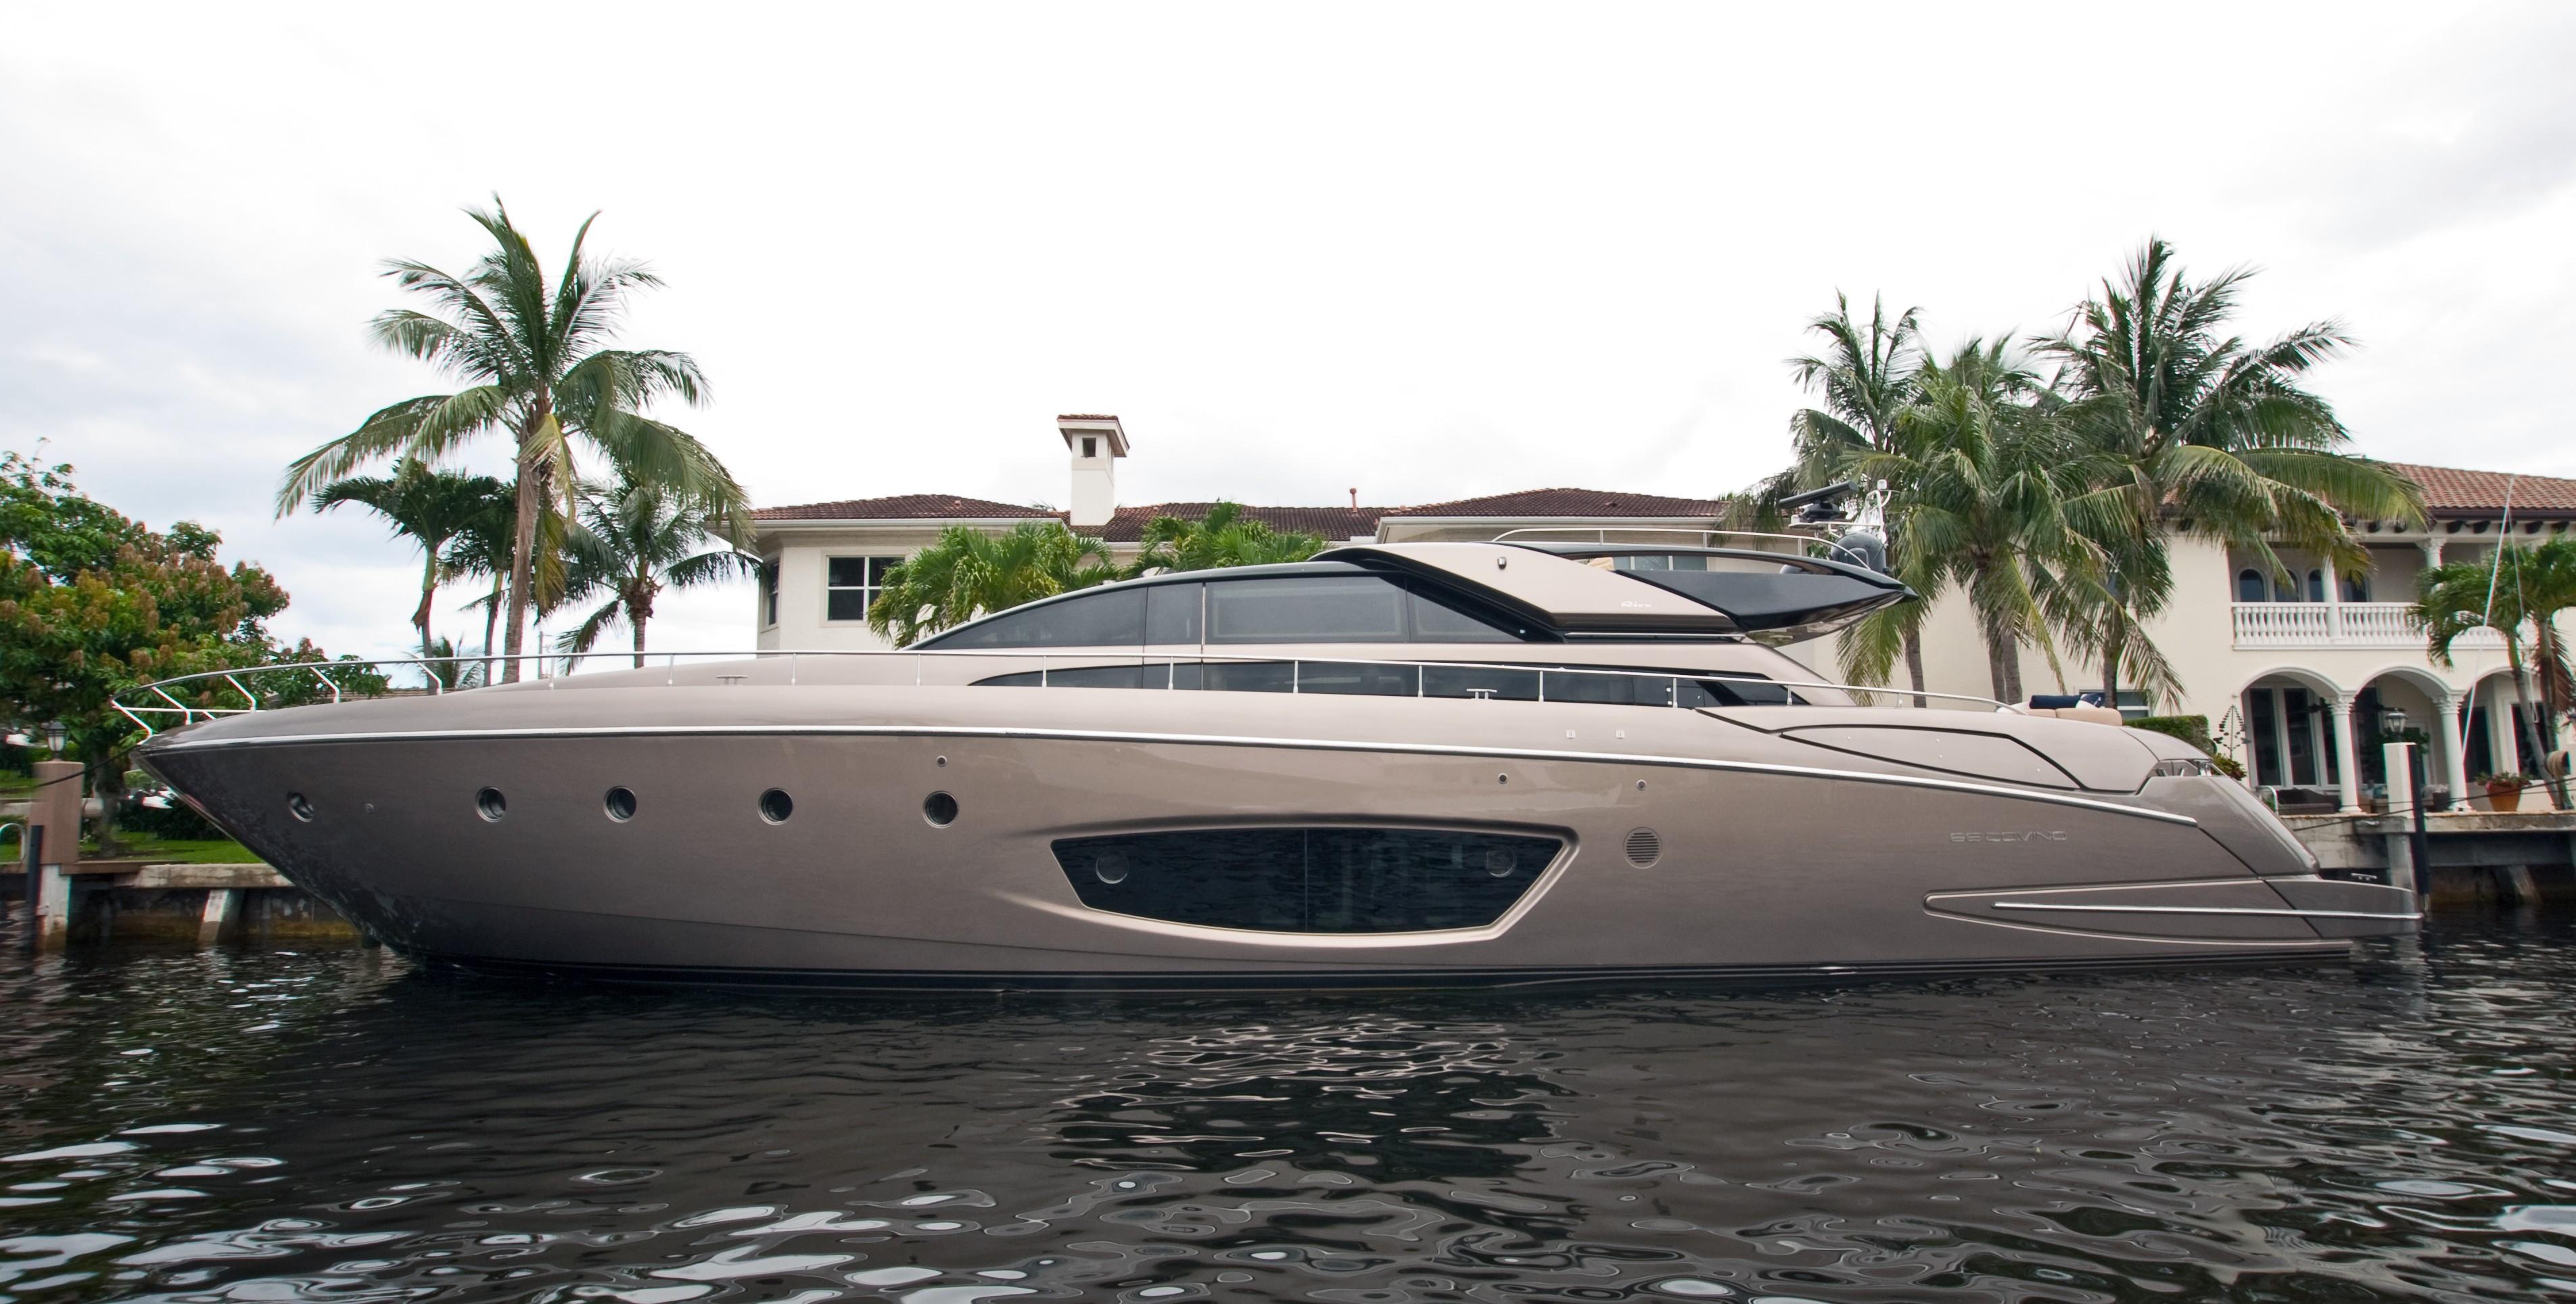 2012 Riva 86 Domino - Profile